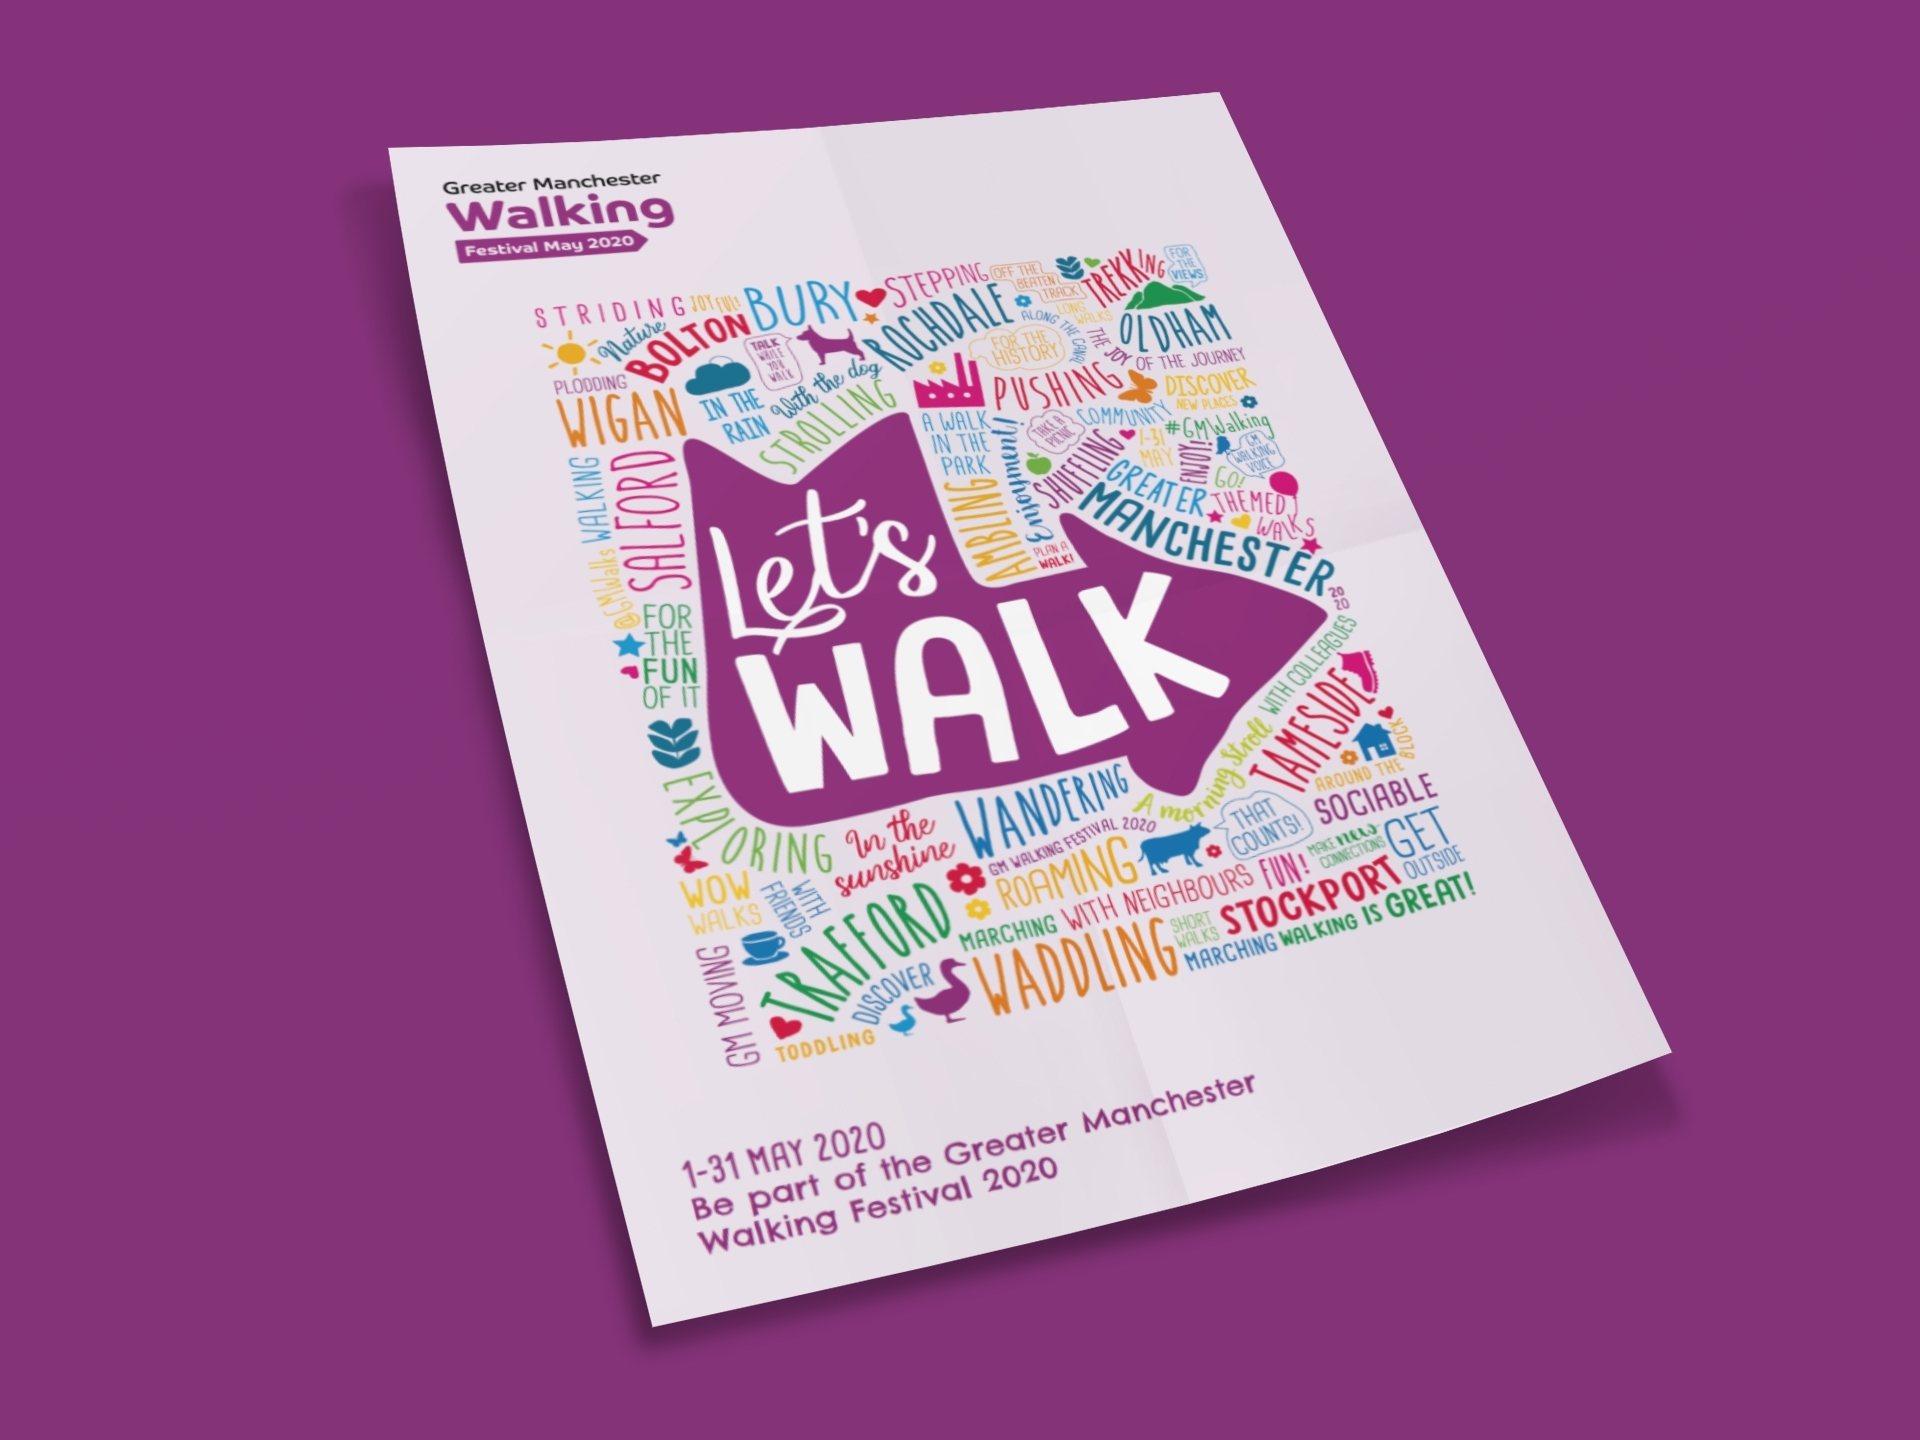 Gm Walking Festival 2020